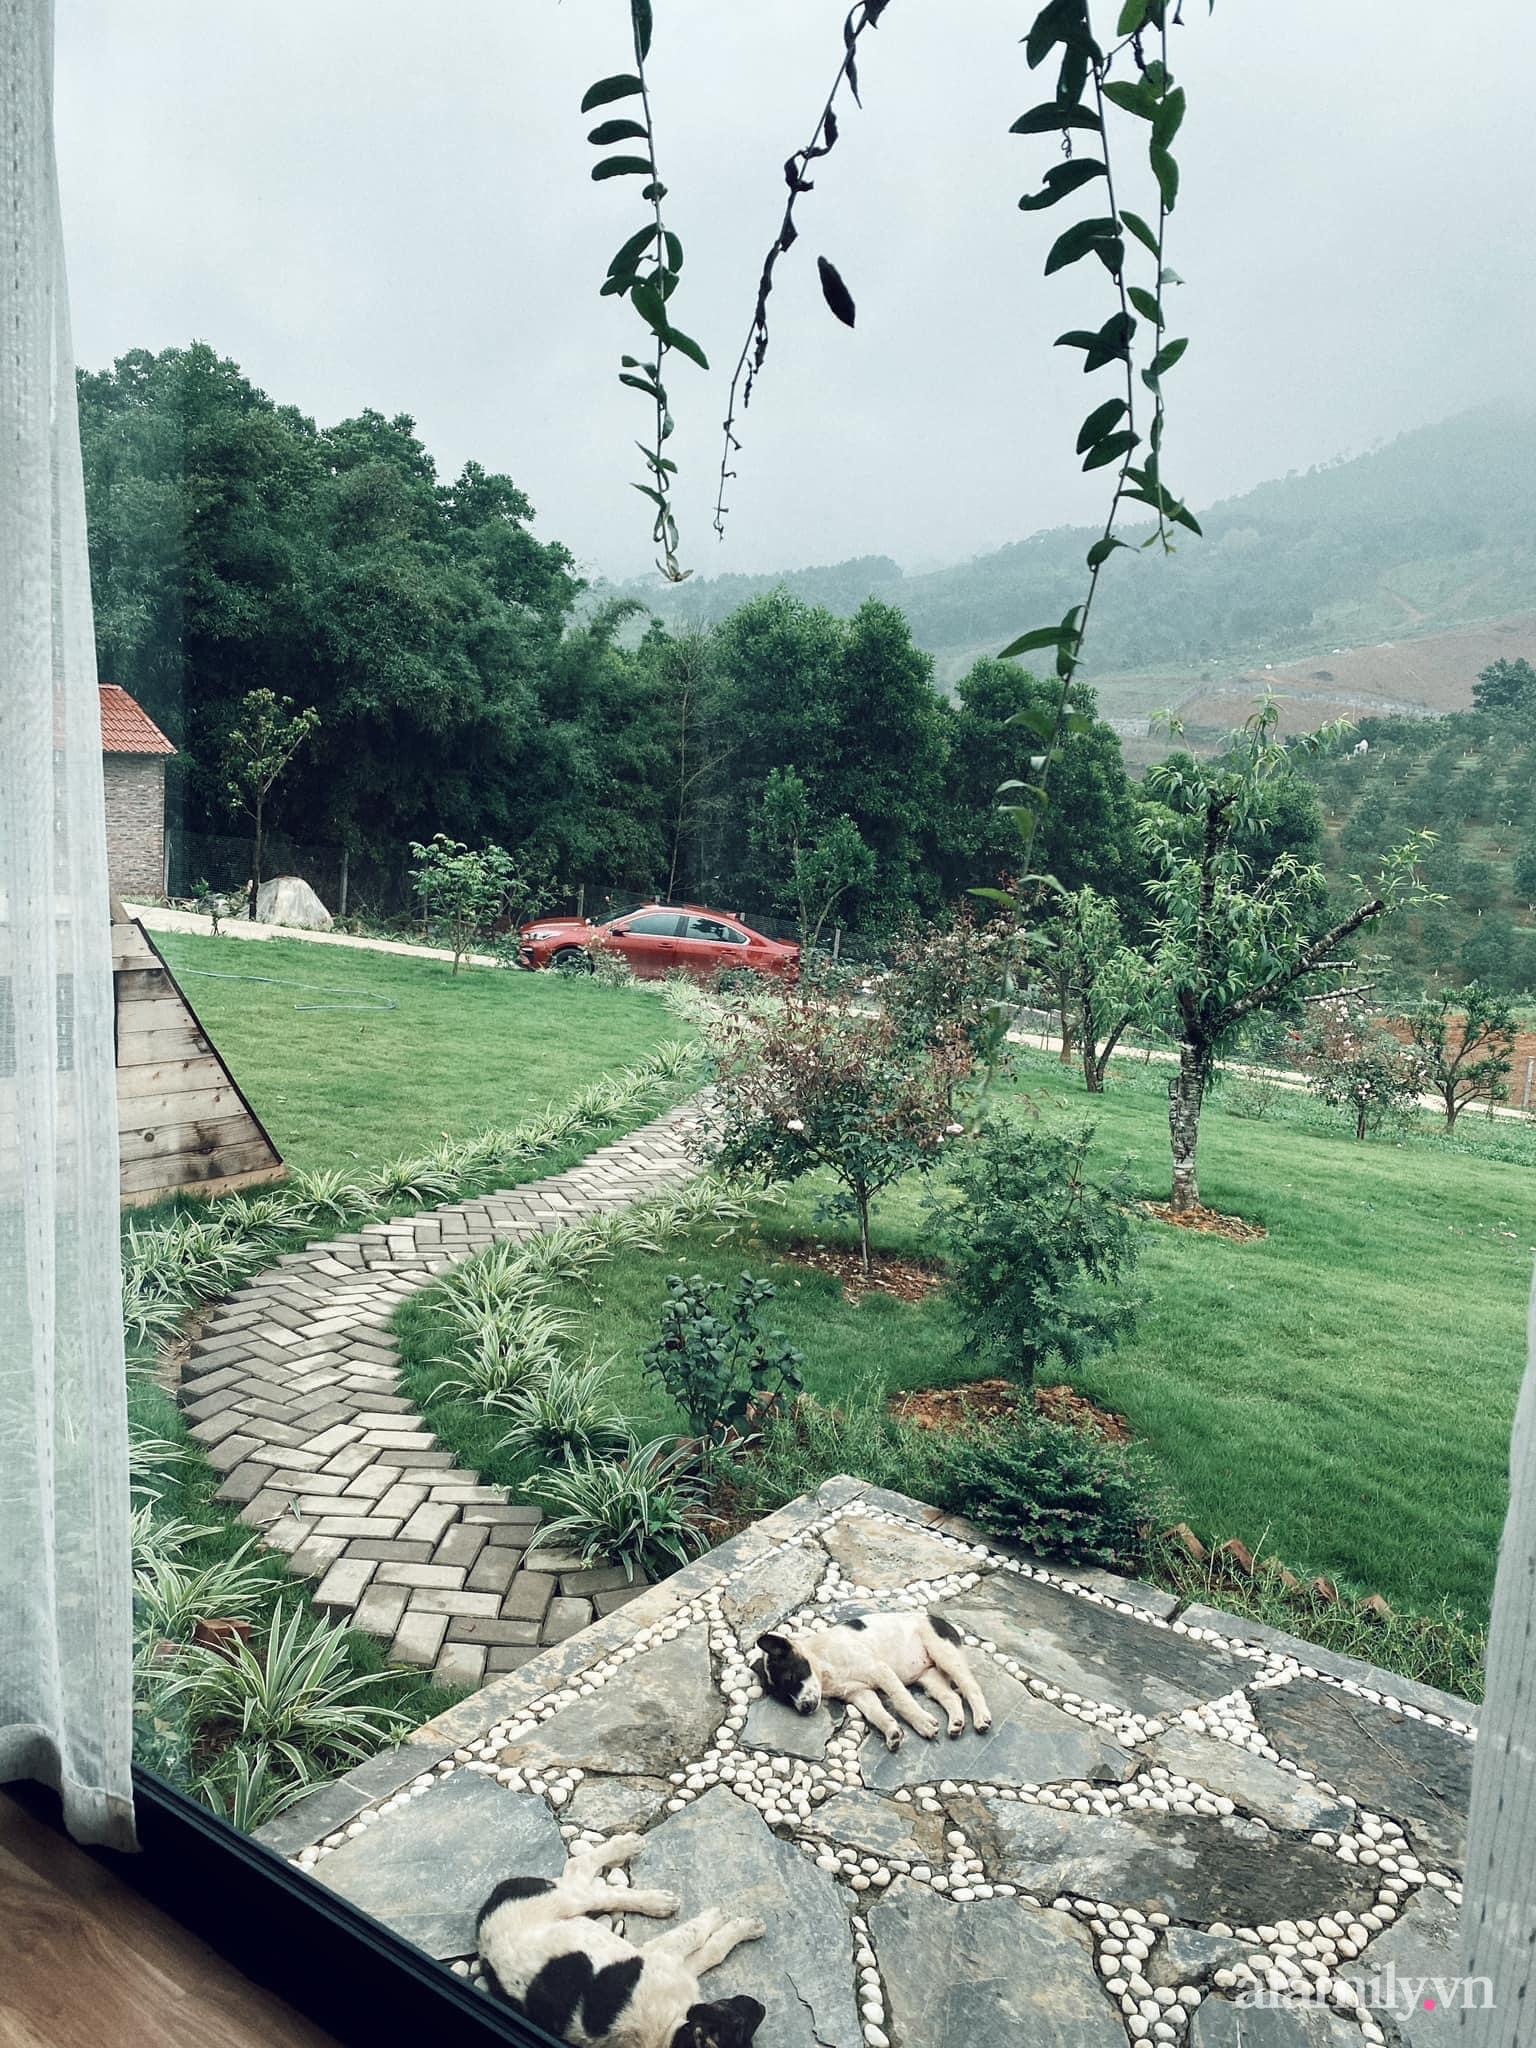 Căn nhà vườn trên núi đẹp an yên, tĩnh lặng với những xanh tươi đẹp đẽ ở ngoại thành Hà Nội - Ảnh 9.